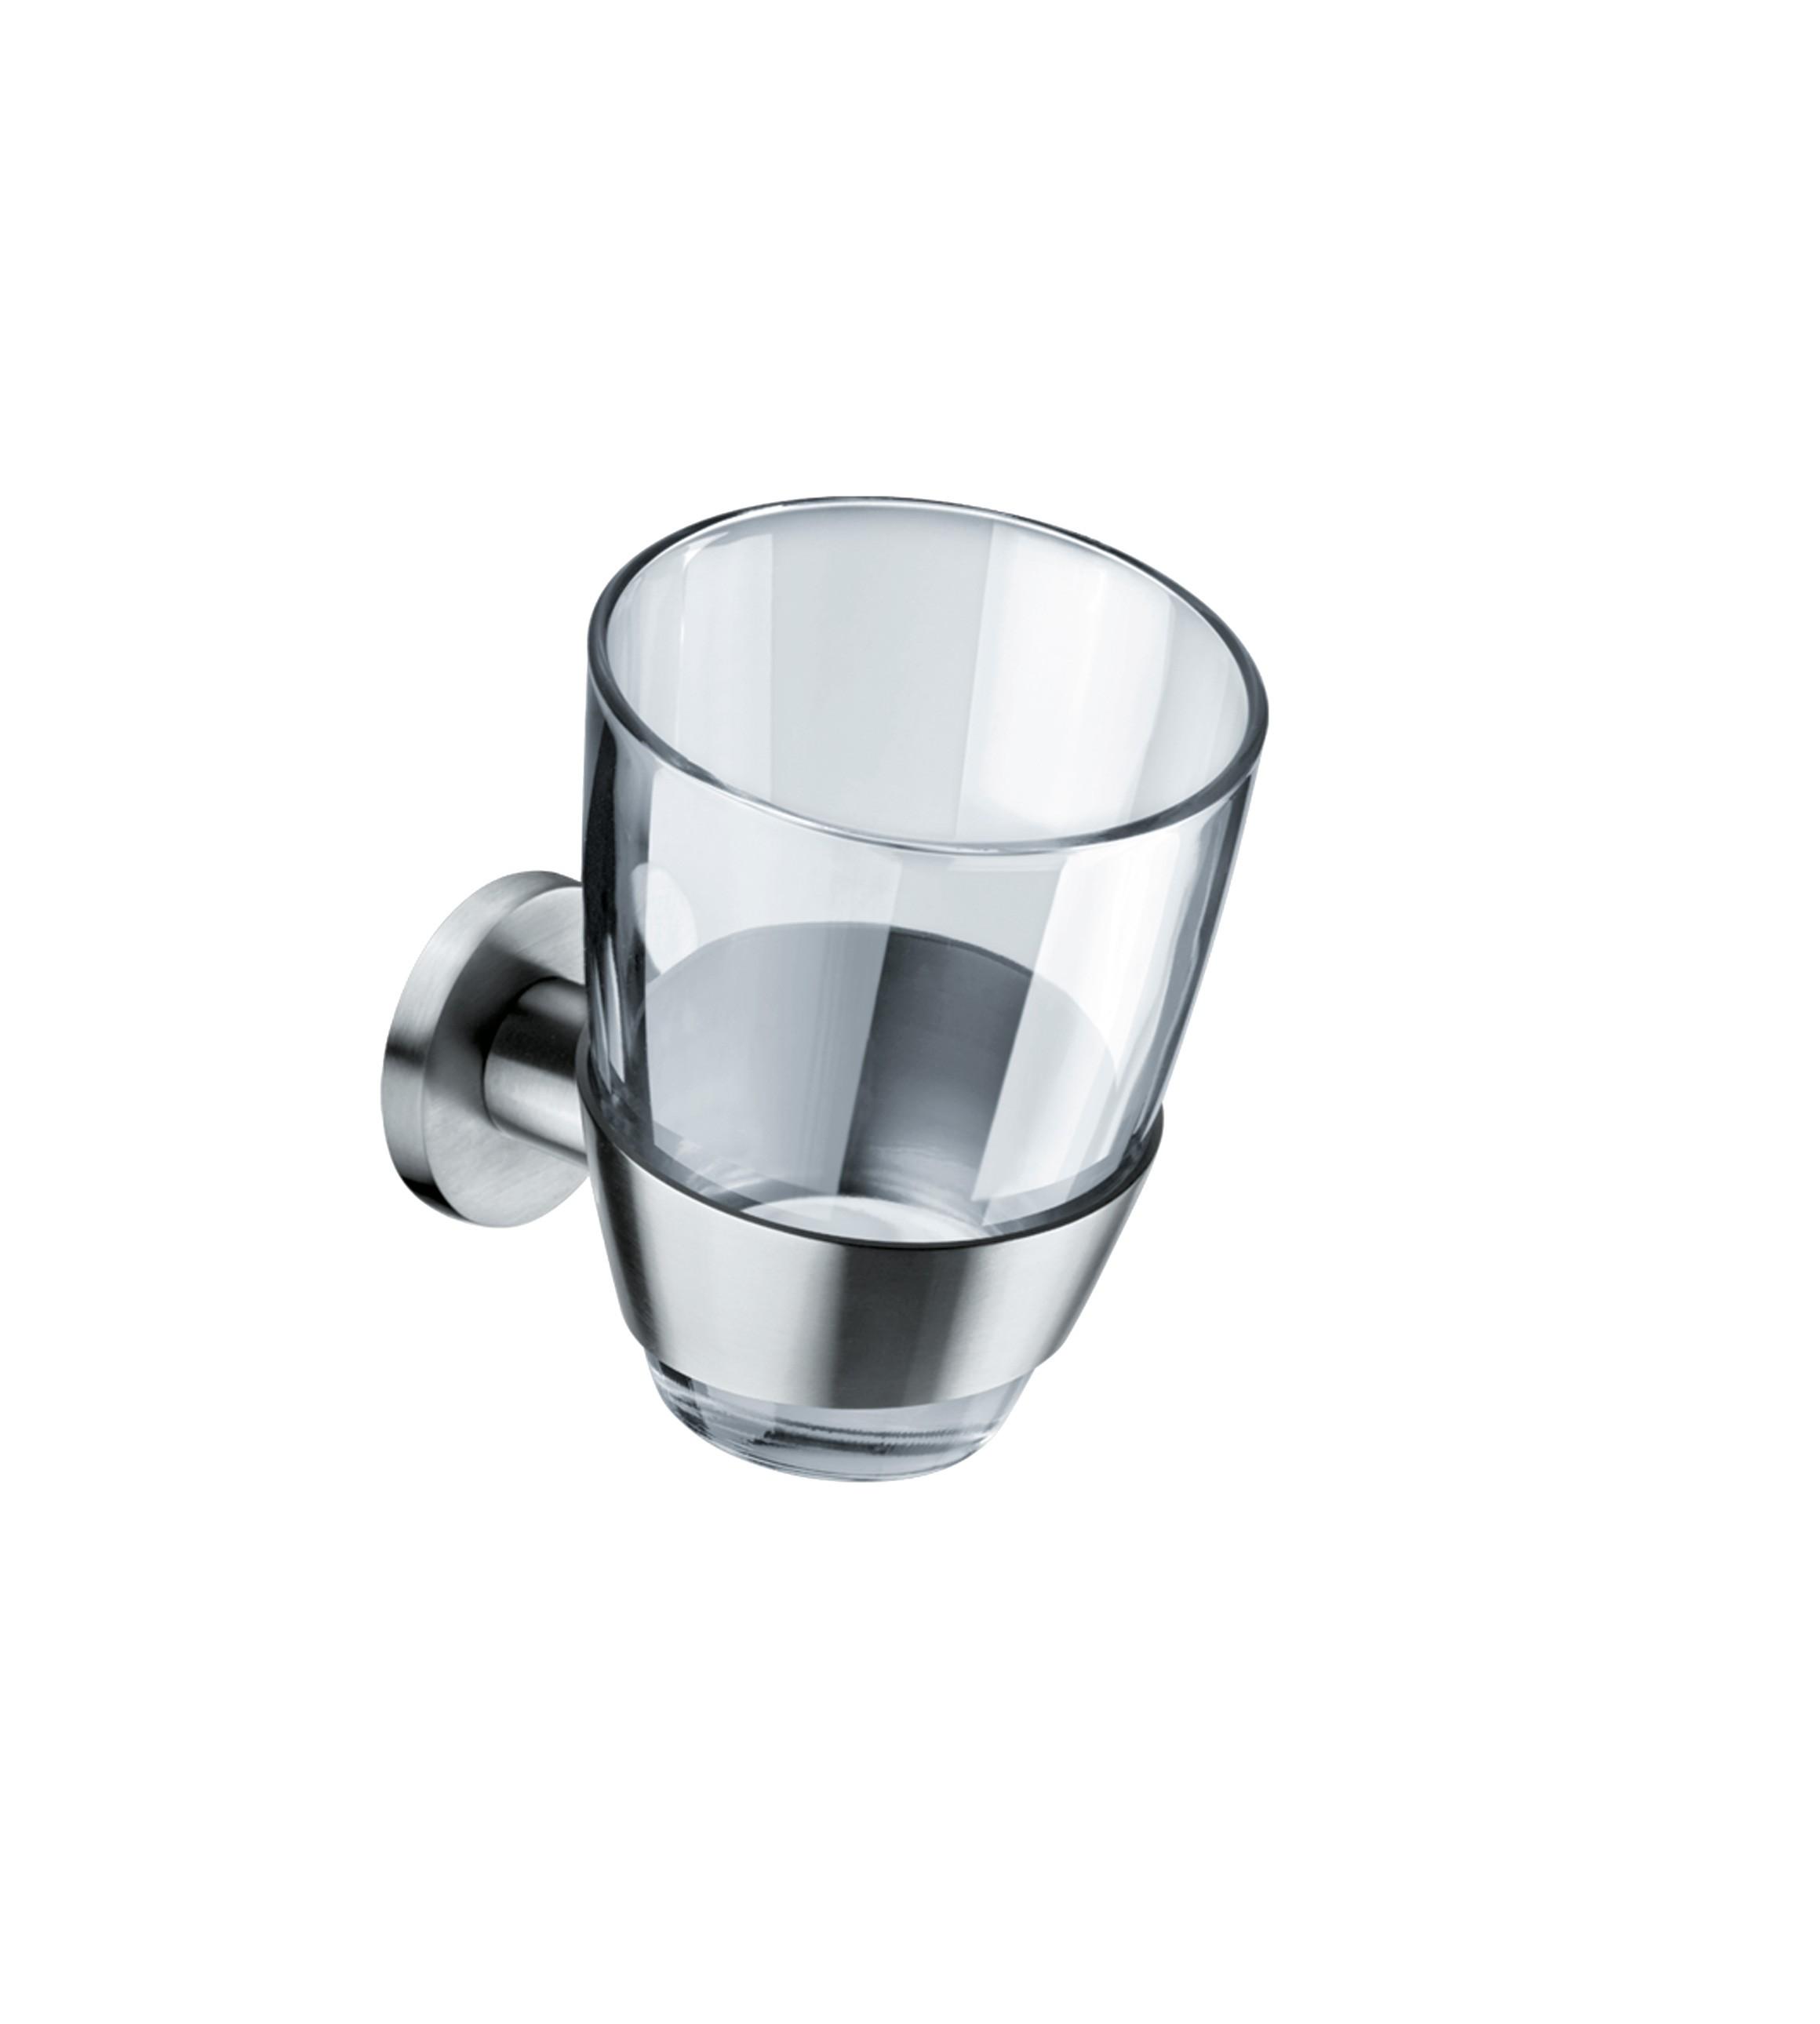 FSB Glashalter mit Glasbecher Edelstahl fein matt (0 82 8270 00041 6204)